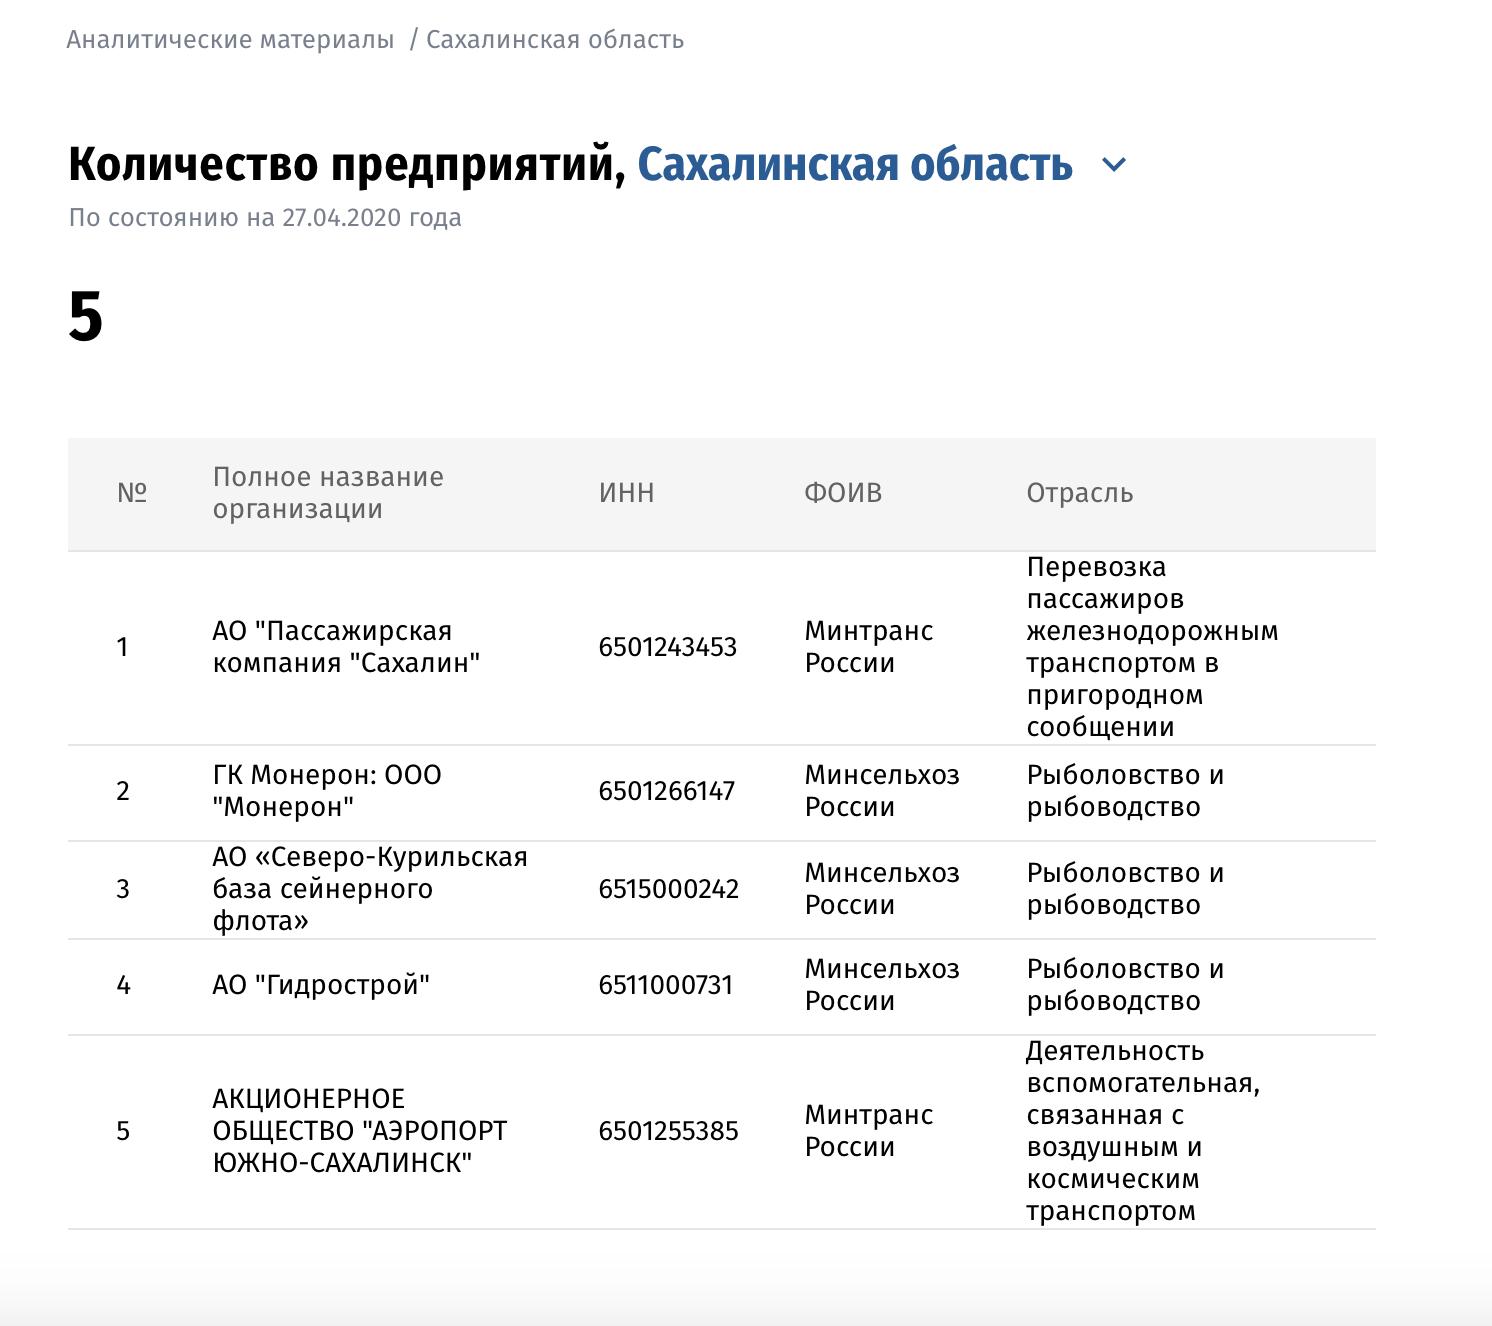 Системообразующие компании Сахалинской области